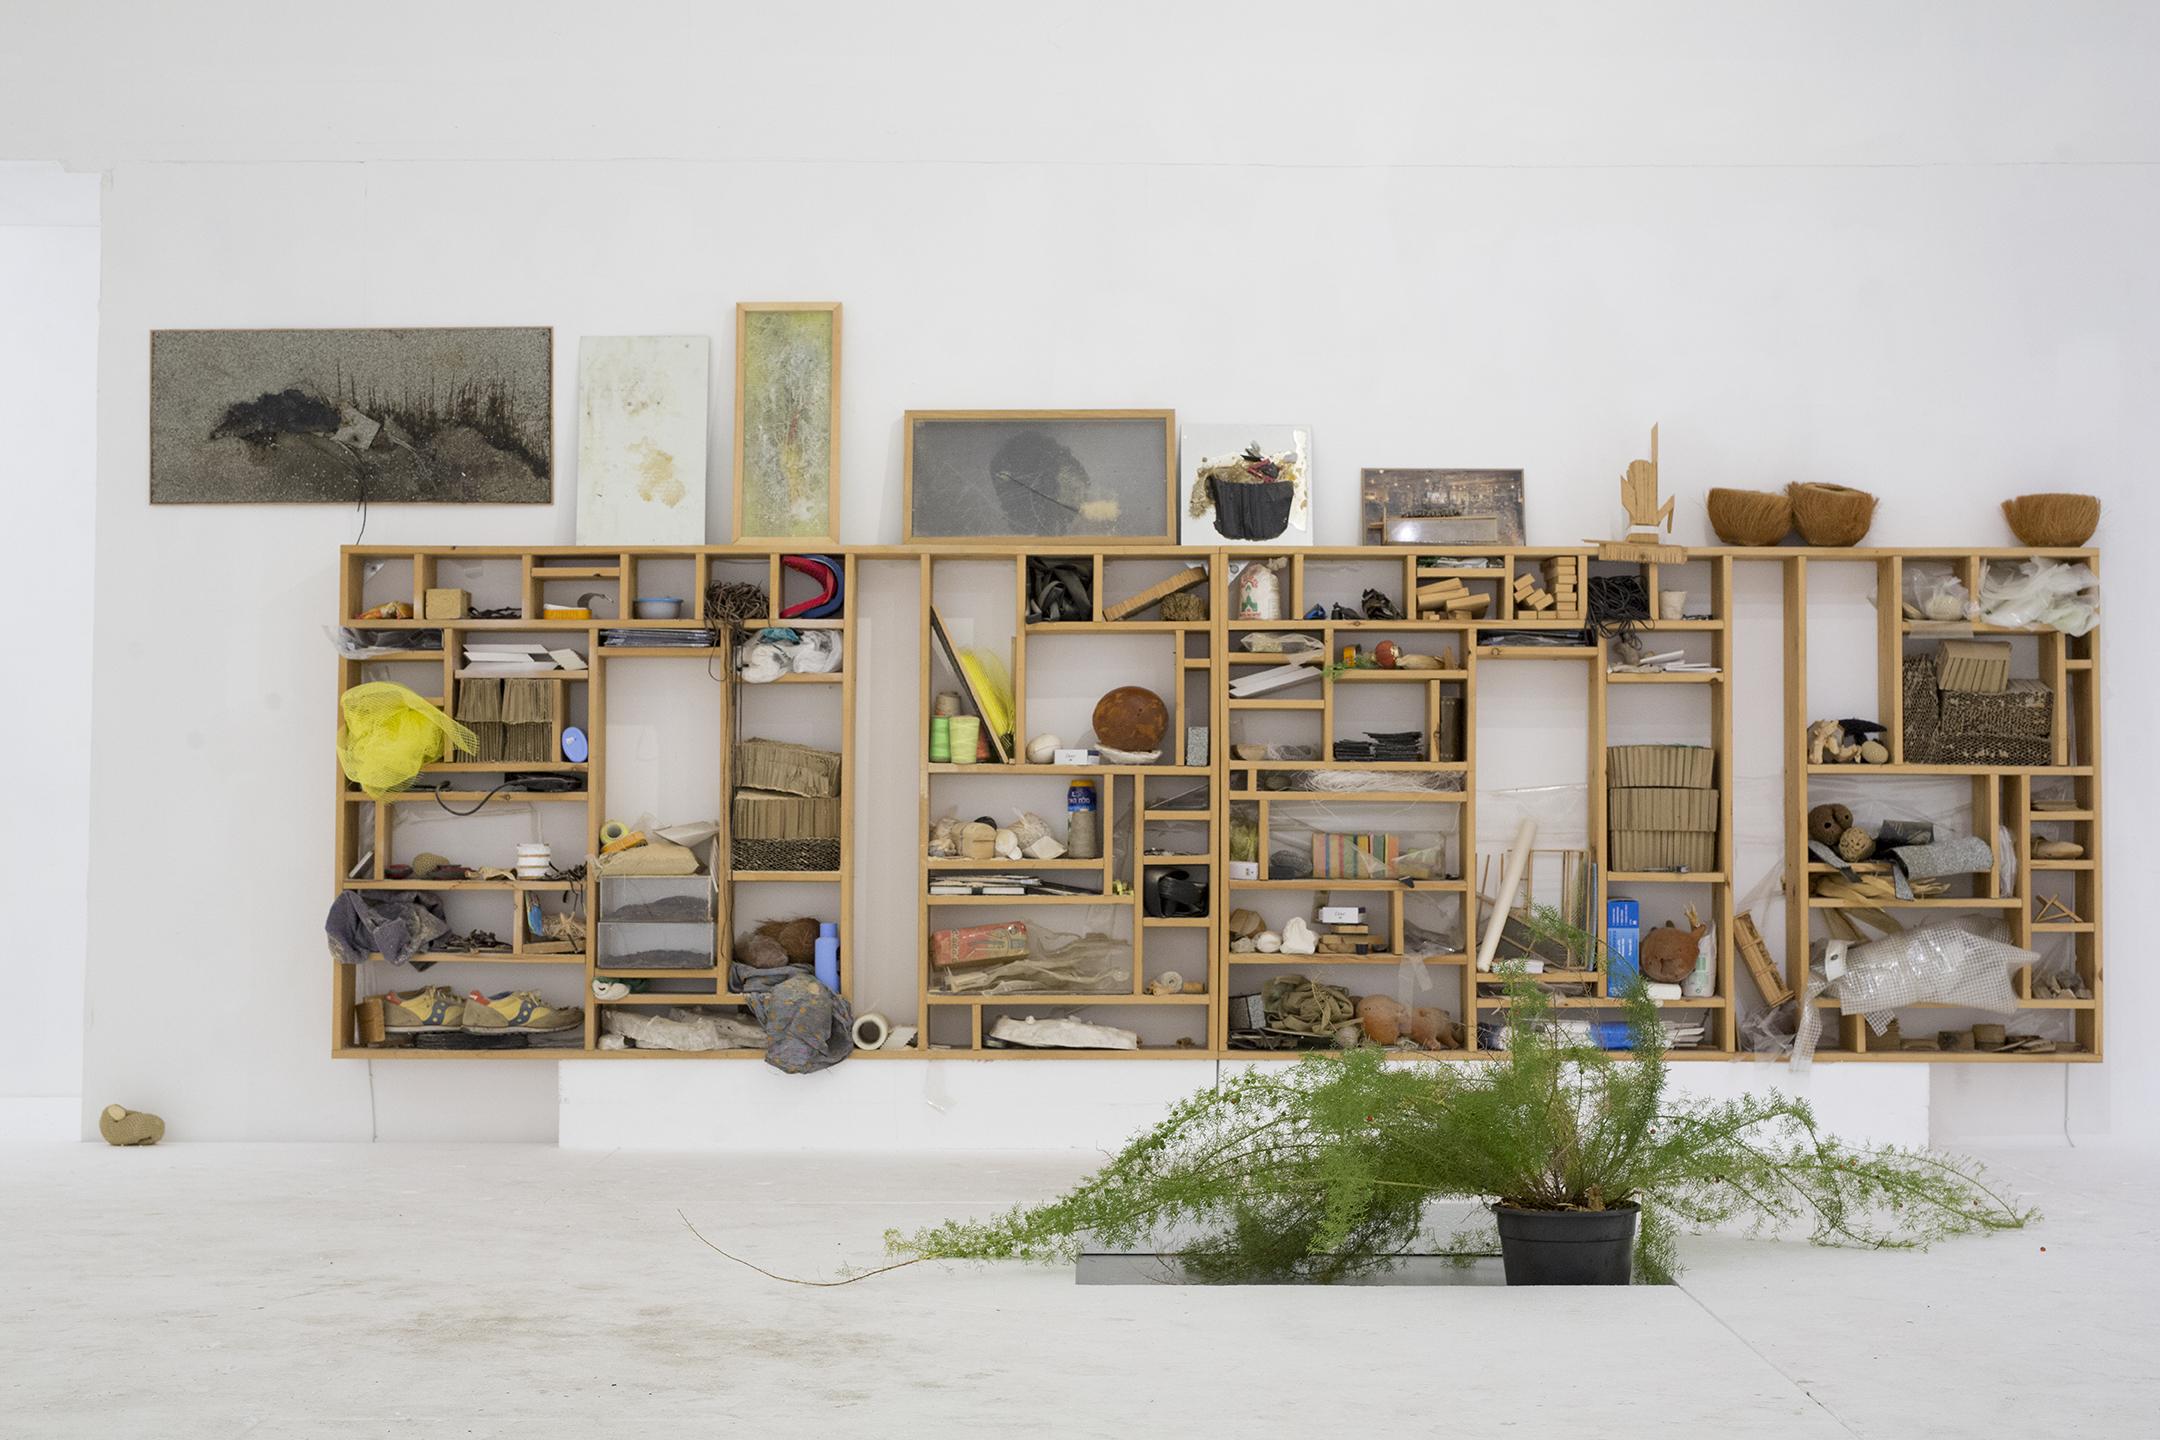 ספריית חומרים, דימוי מתוך הסטודיו